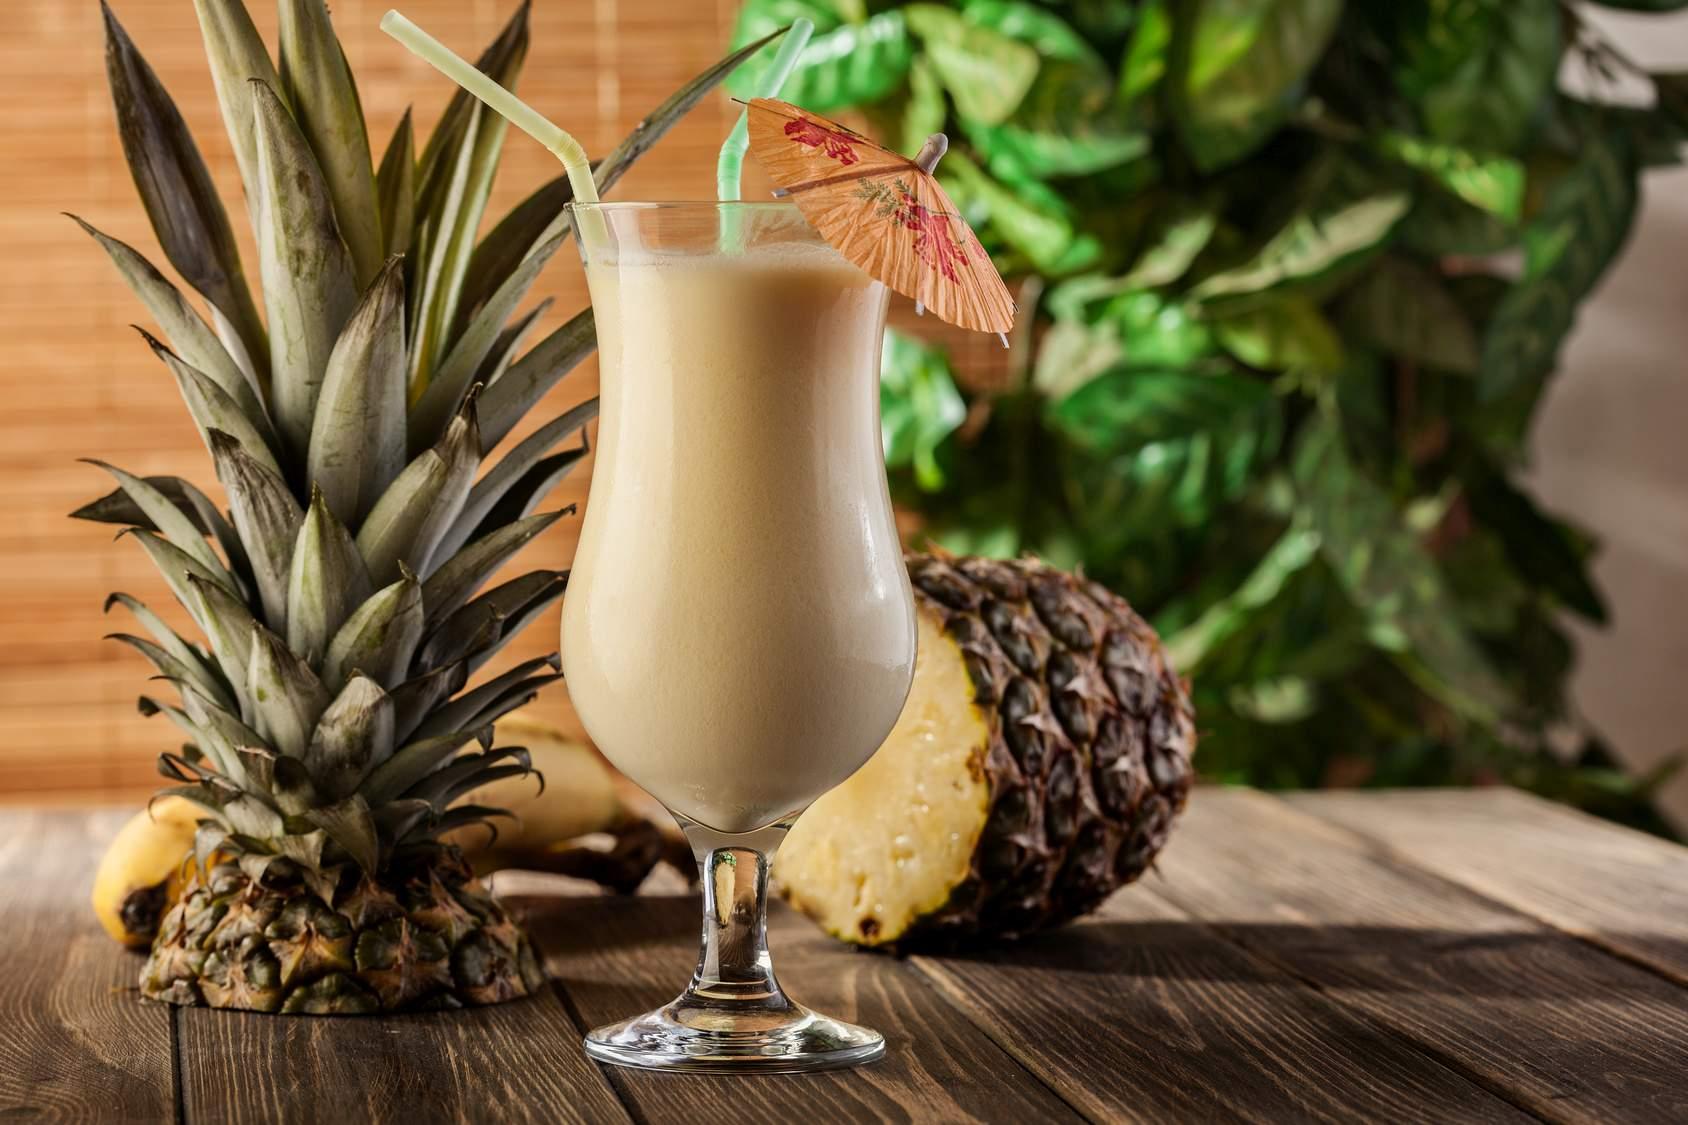 Ein Dreamlover-Cocktail mit Rum, Schokolikör und Milch. Quelle: Fotolia.com © fotek